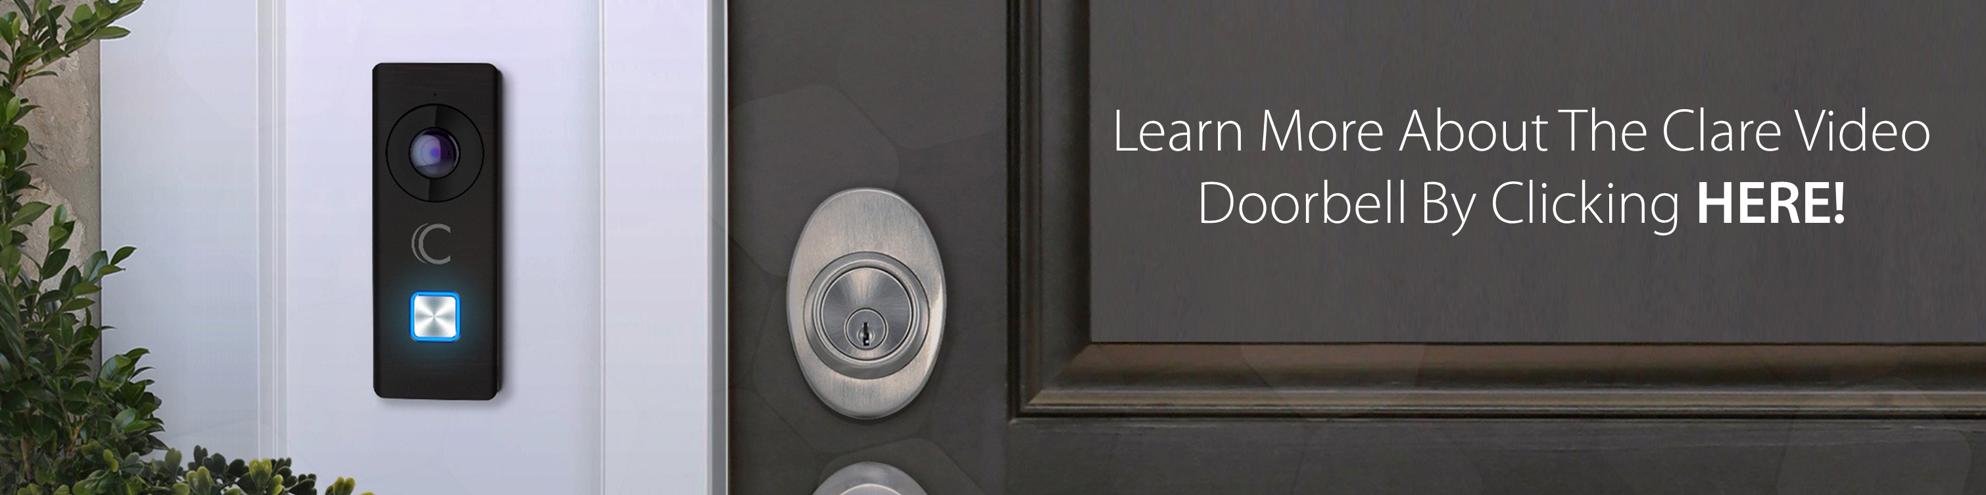 Clare Video Doorbell Image